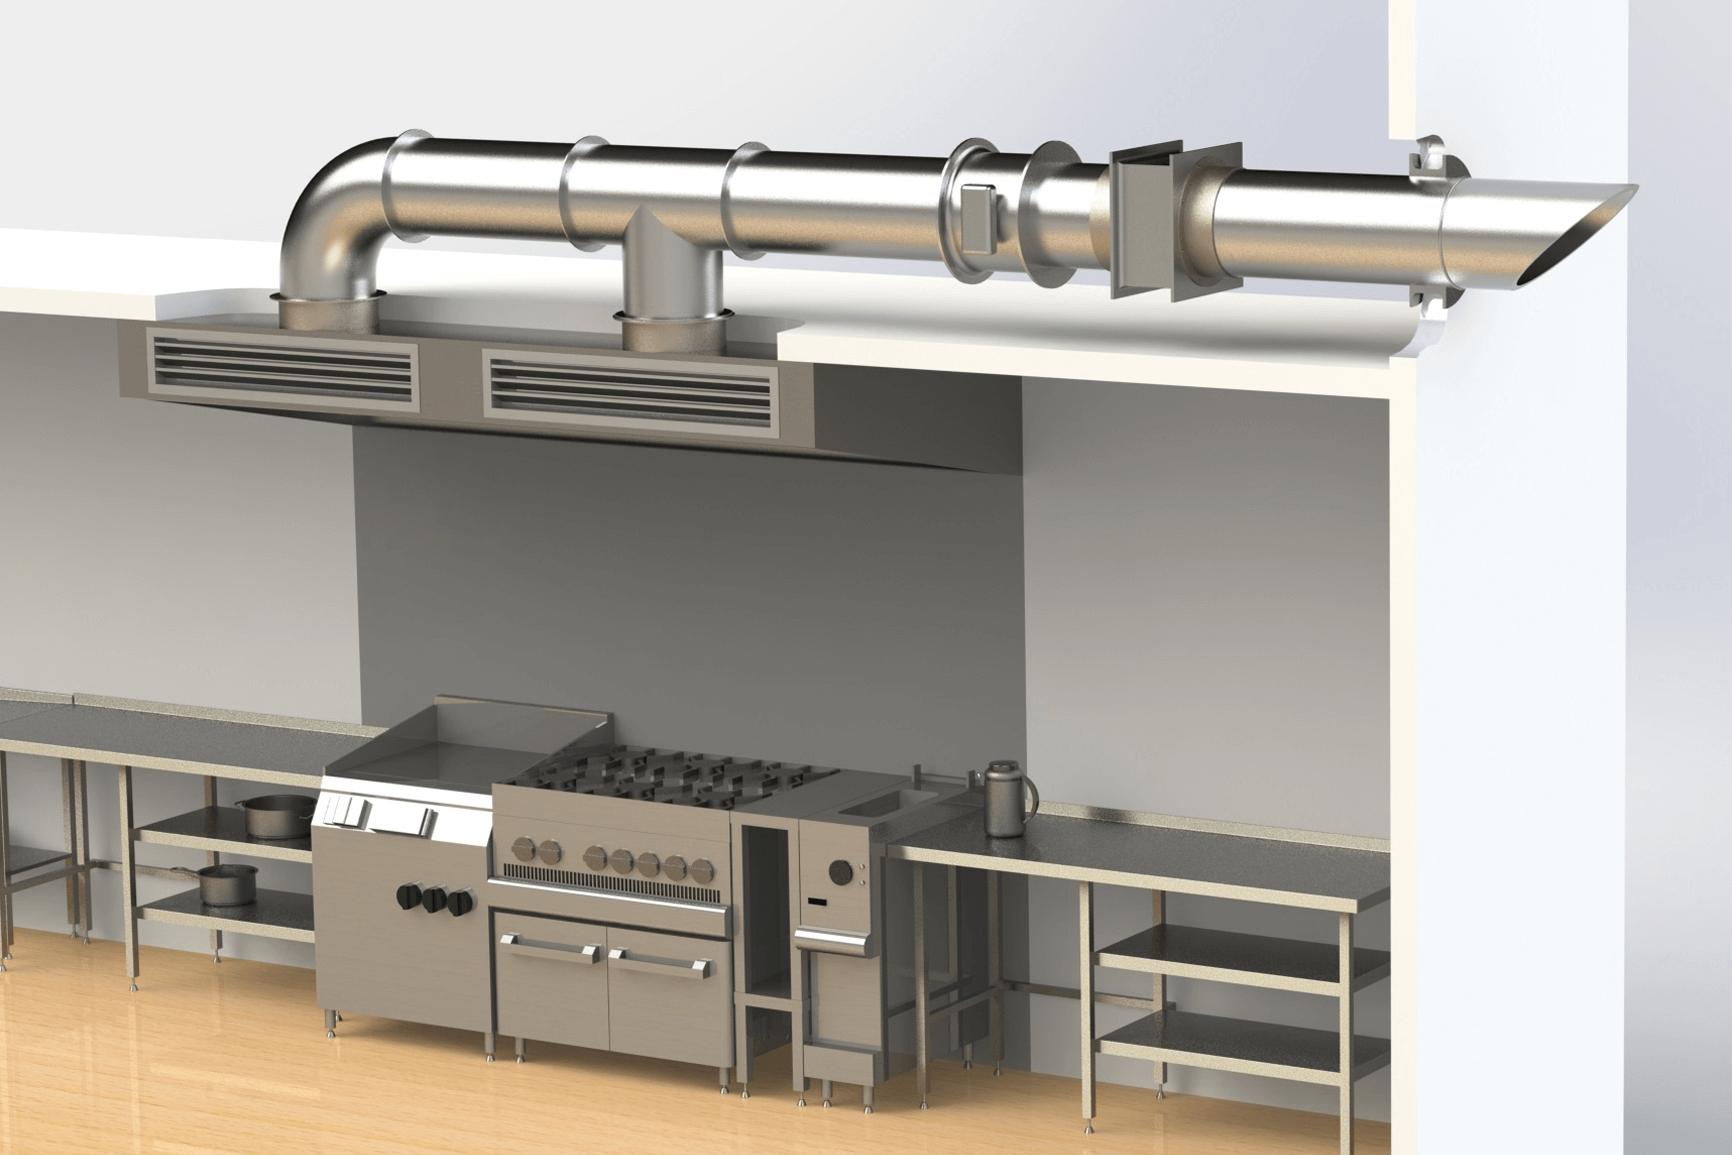 industriuli-samzareulos-ventilaciis-sistemebi 3